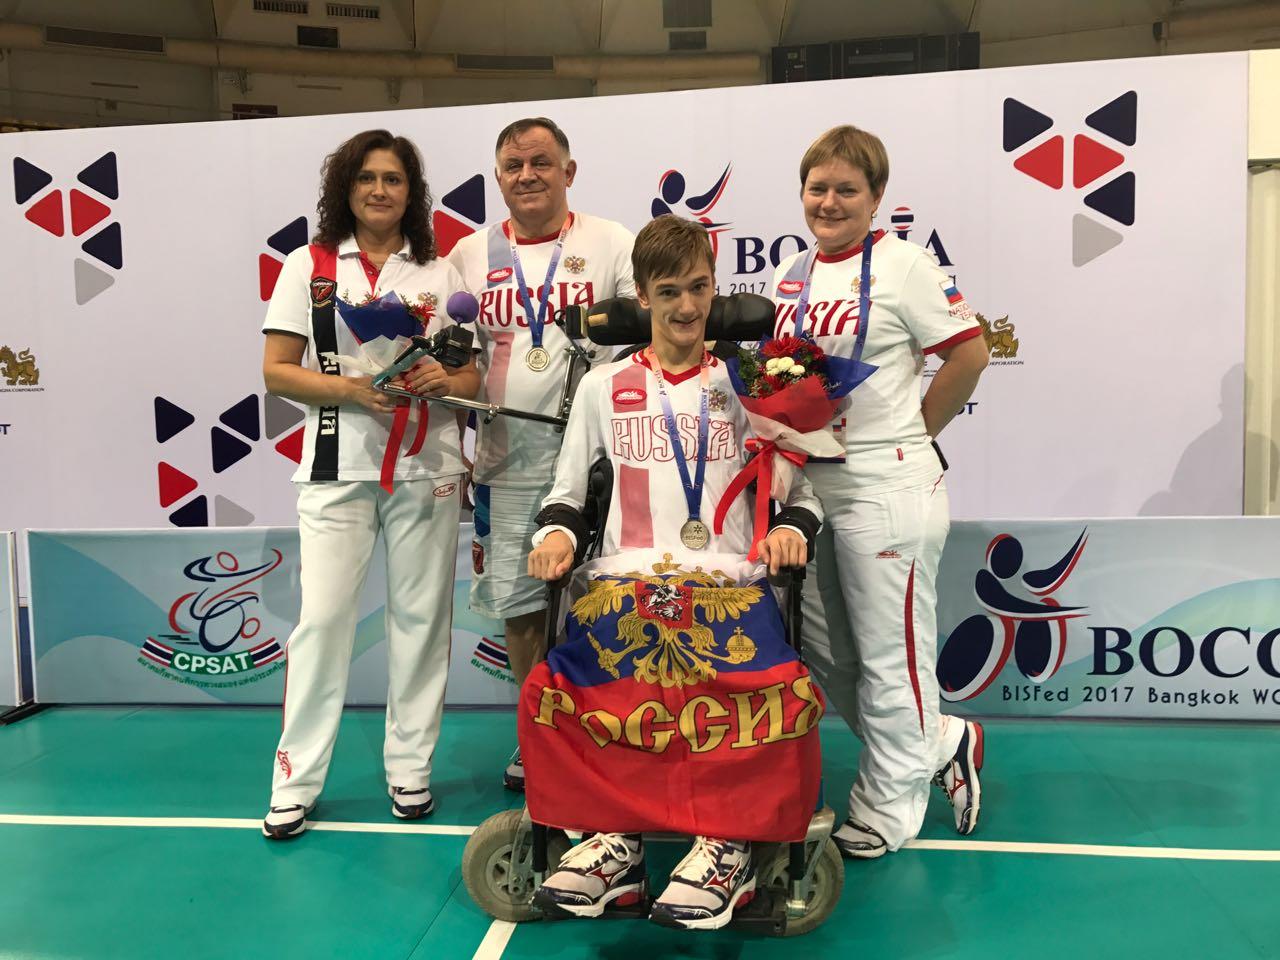 Россиянин Михаил Васильев стал серебряным призером крупного международного турнира по бочча в Таиланде